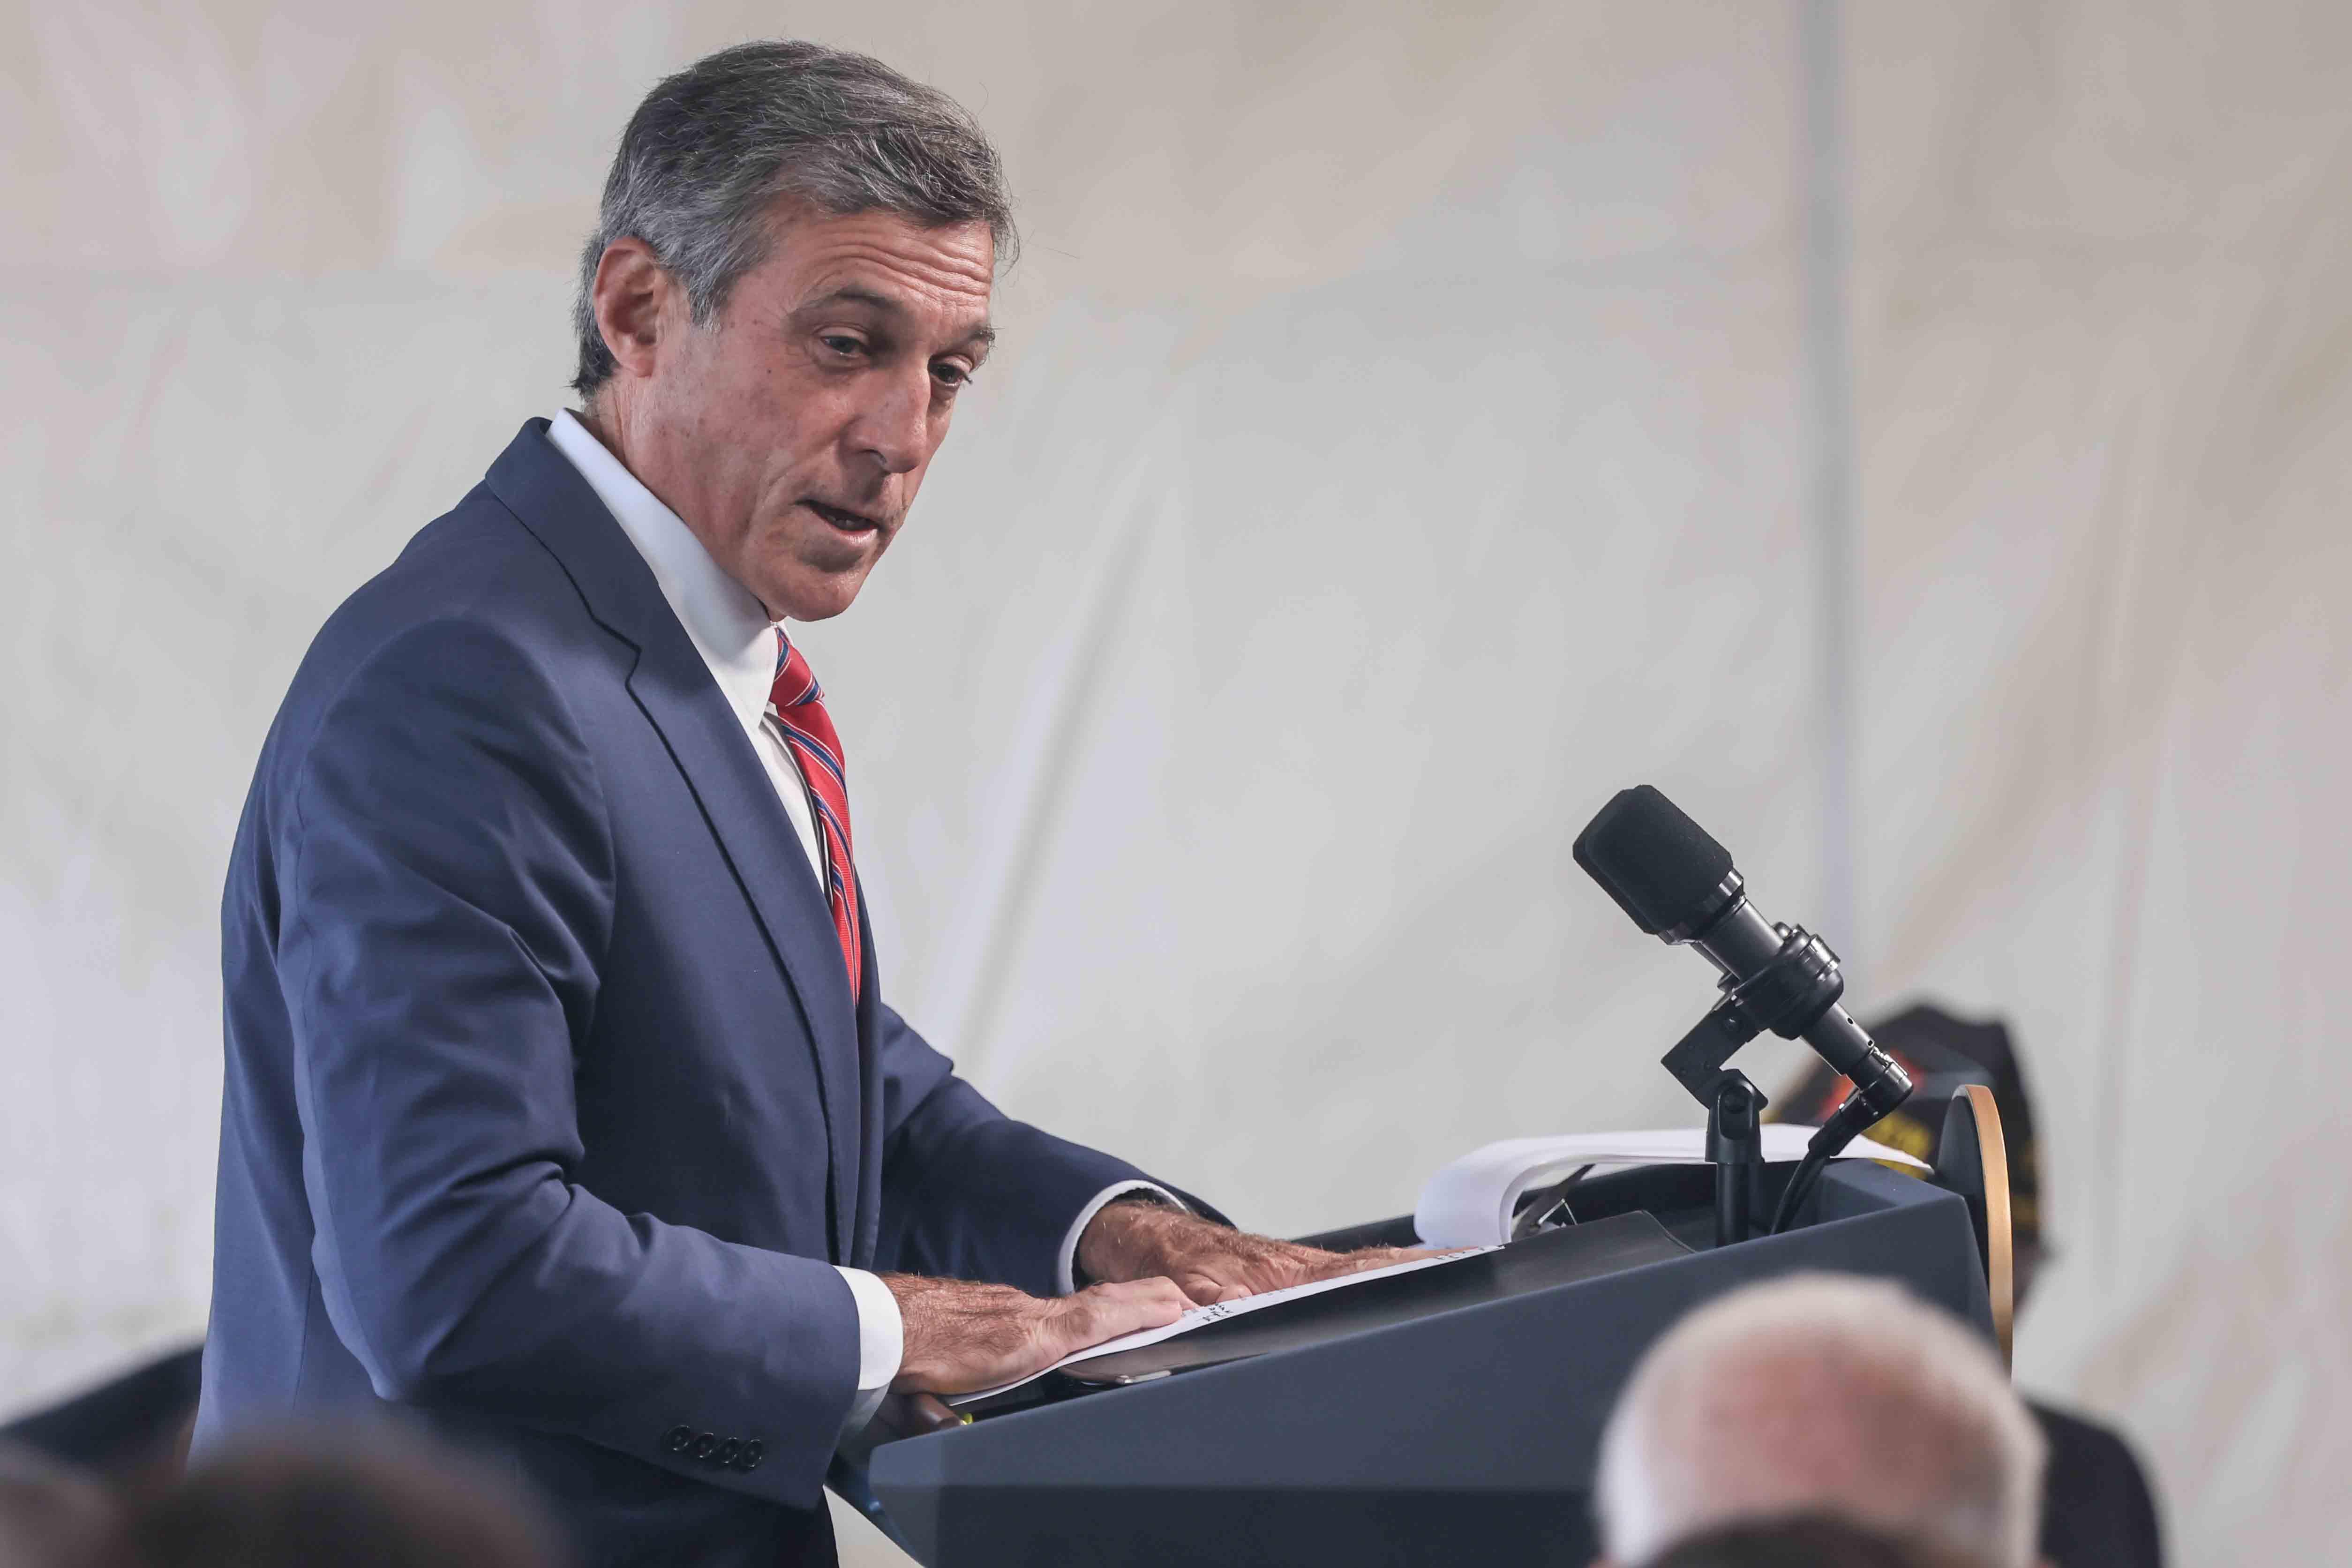 Marijuana in Delaware: Would Gov. John Carney veto legal weed?